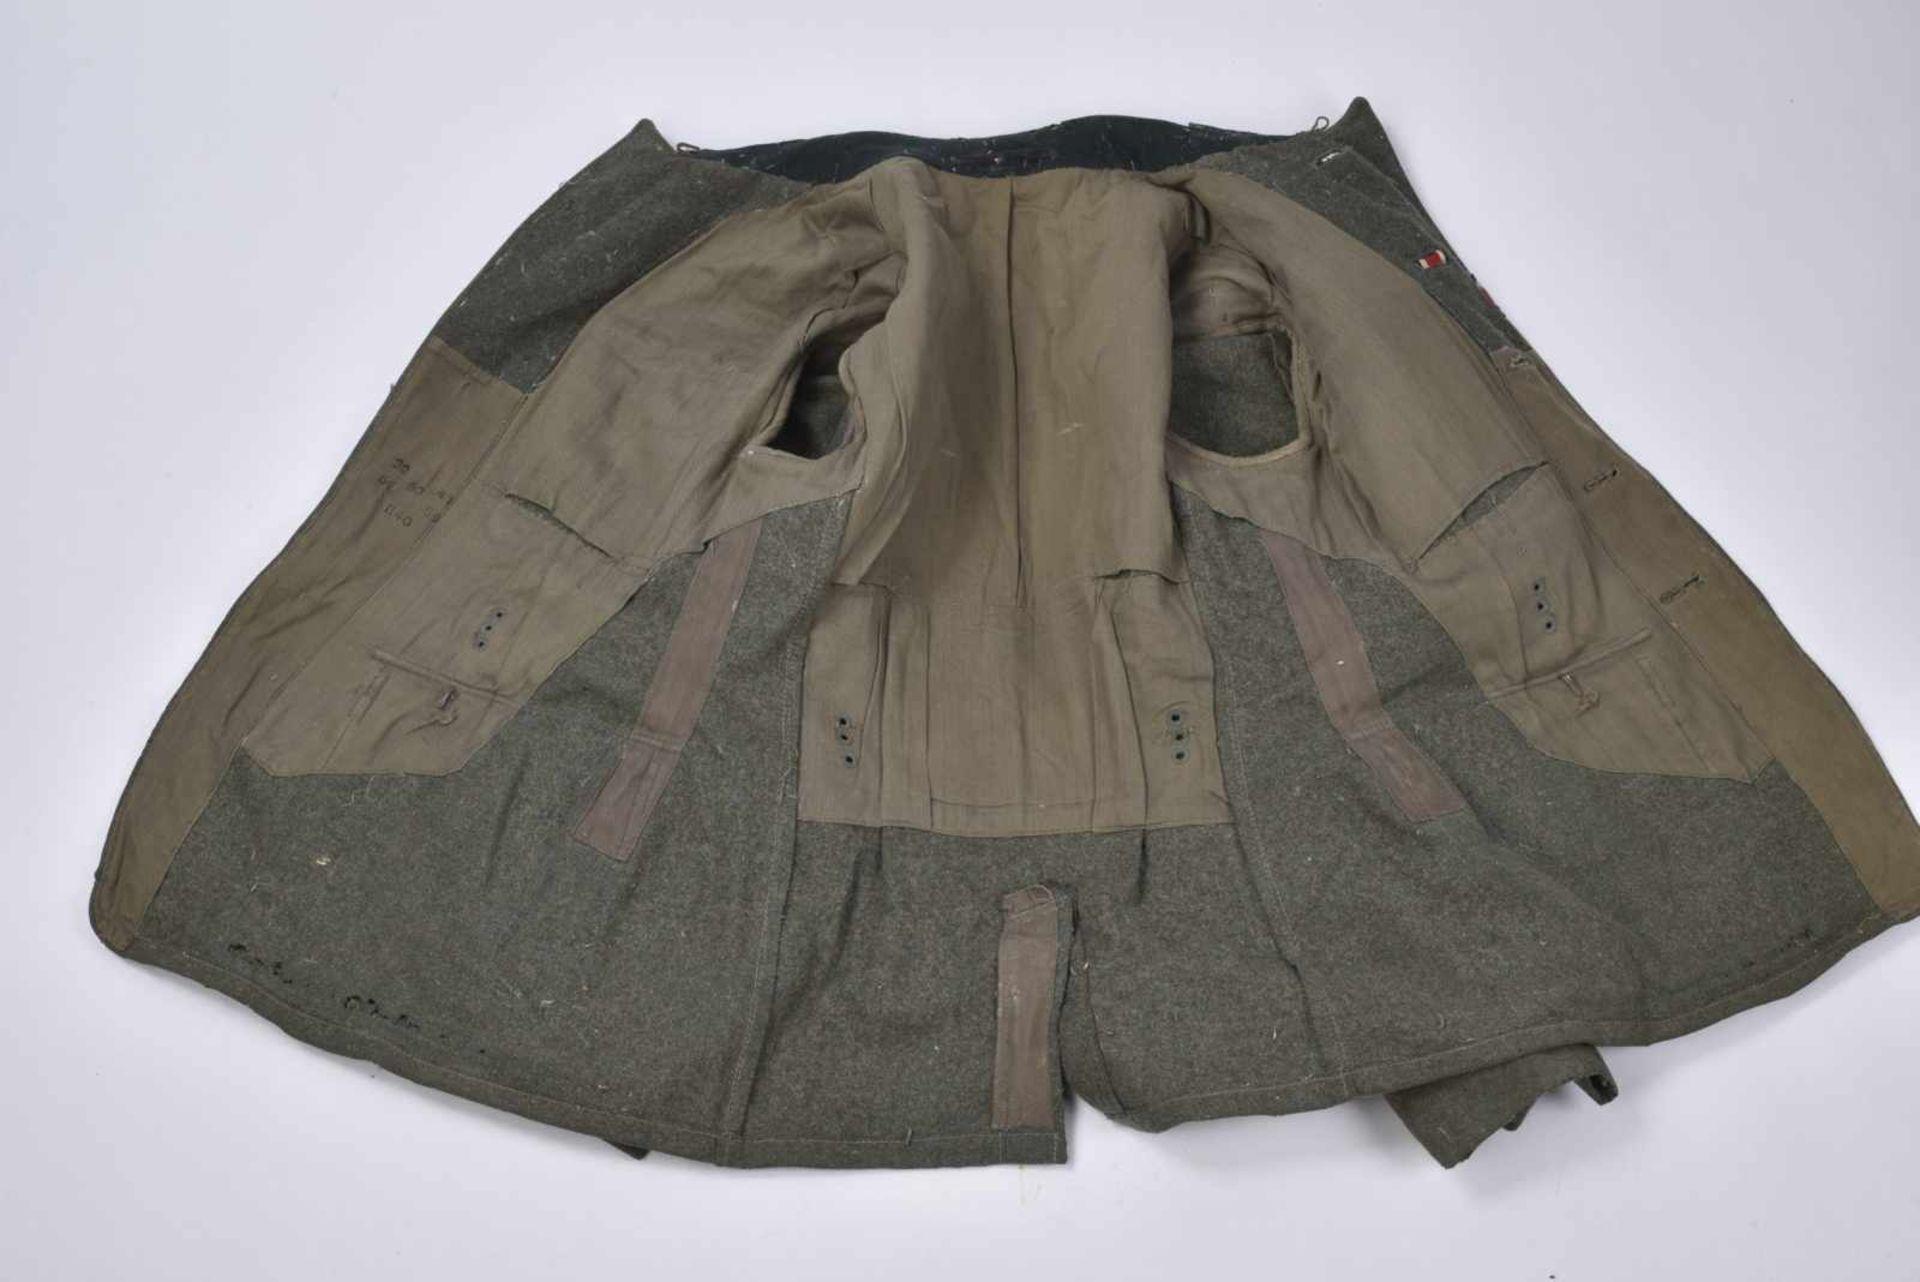 Vareuse de Feldwebel d'infanterie modèle 36 en tissu laineux Feldgrau, tous les boutons sont - Bild 3 aus 4